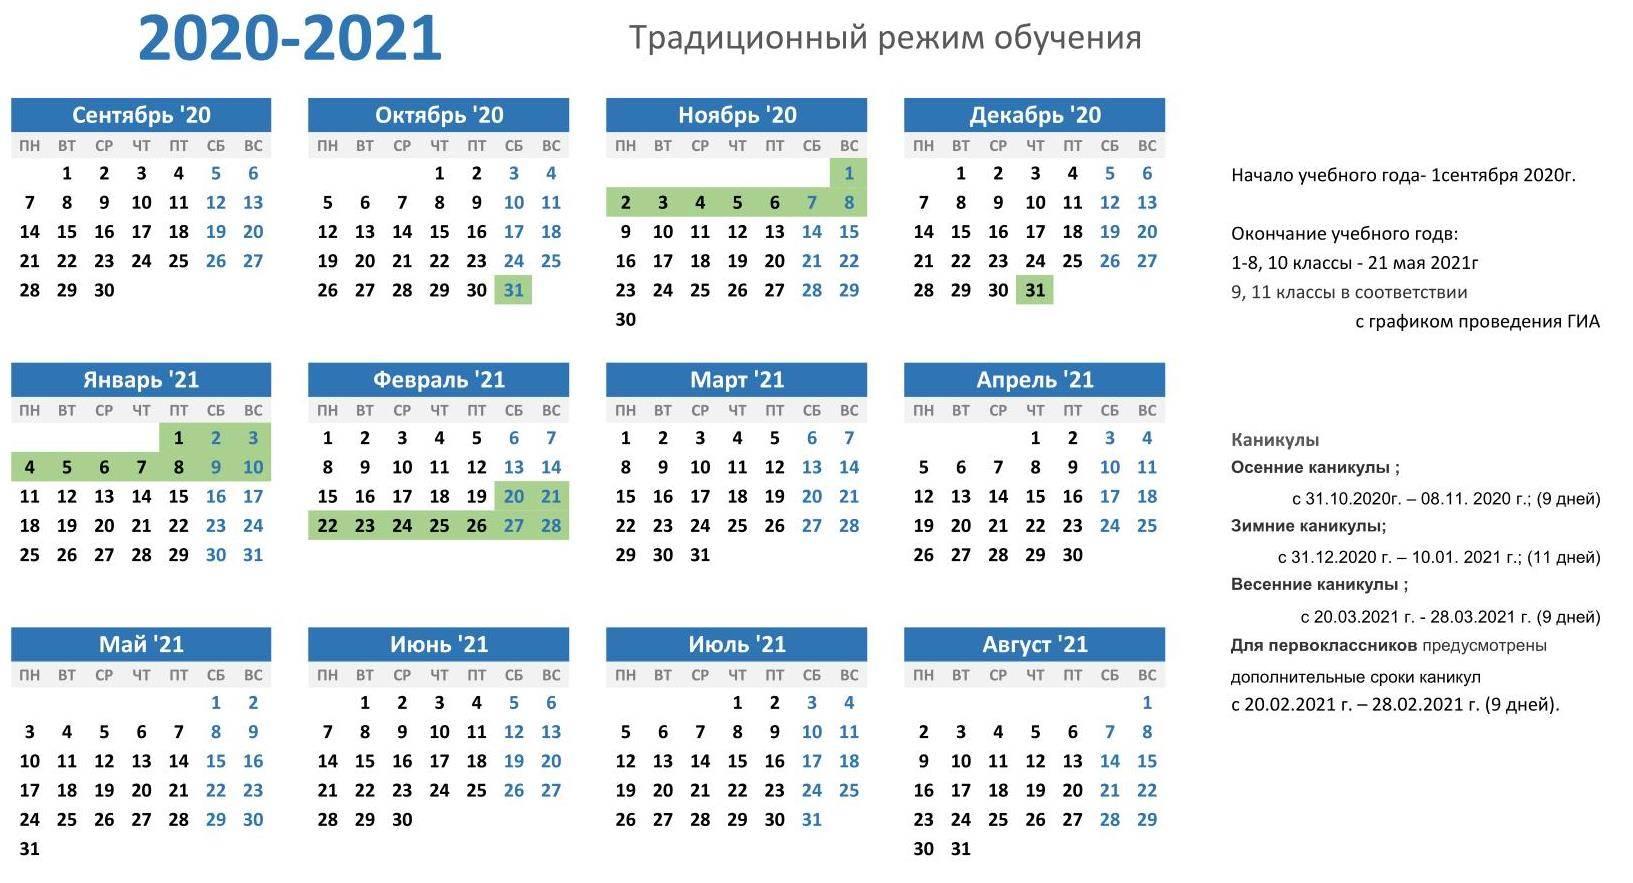 Школьные каникулы в 2020-2021 учебном году в россии | для школьников